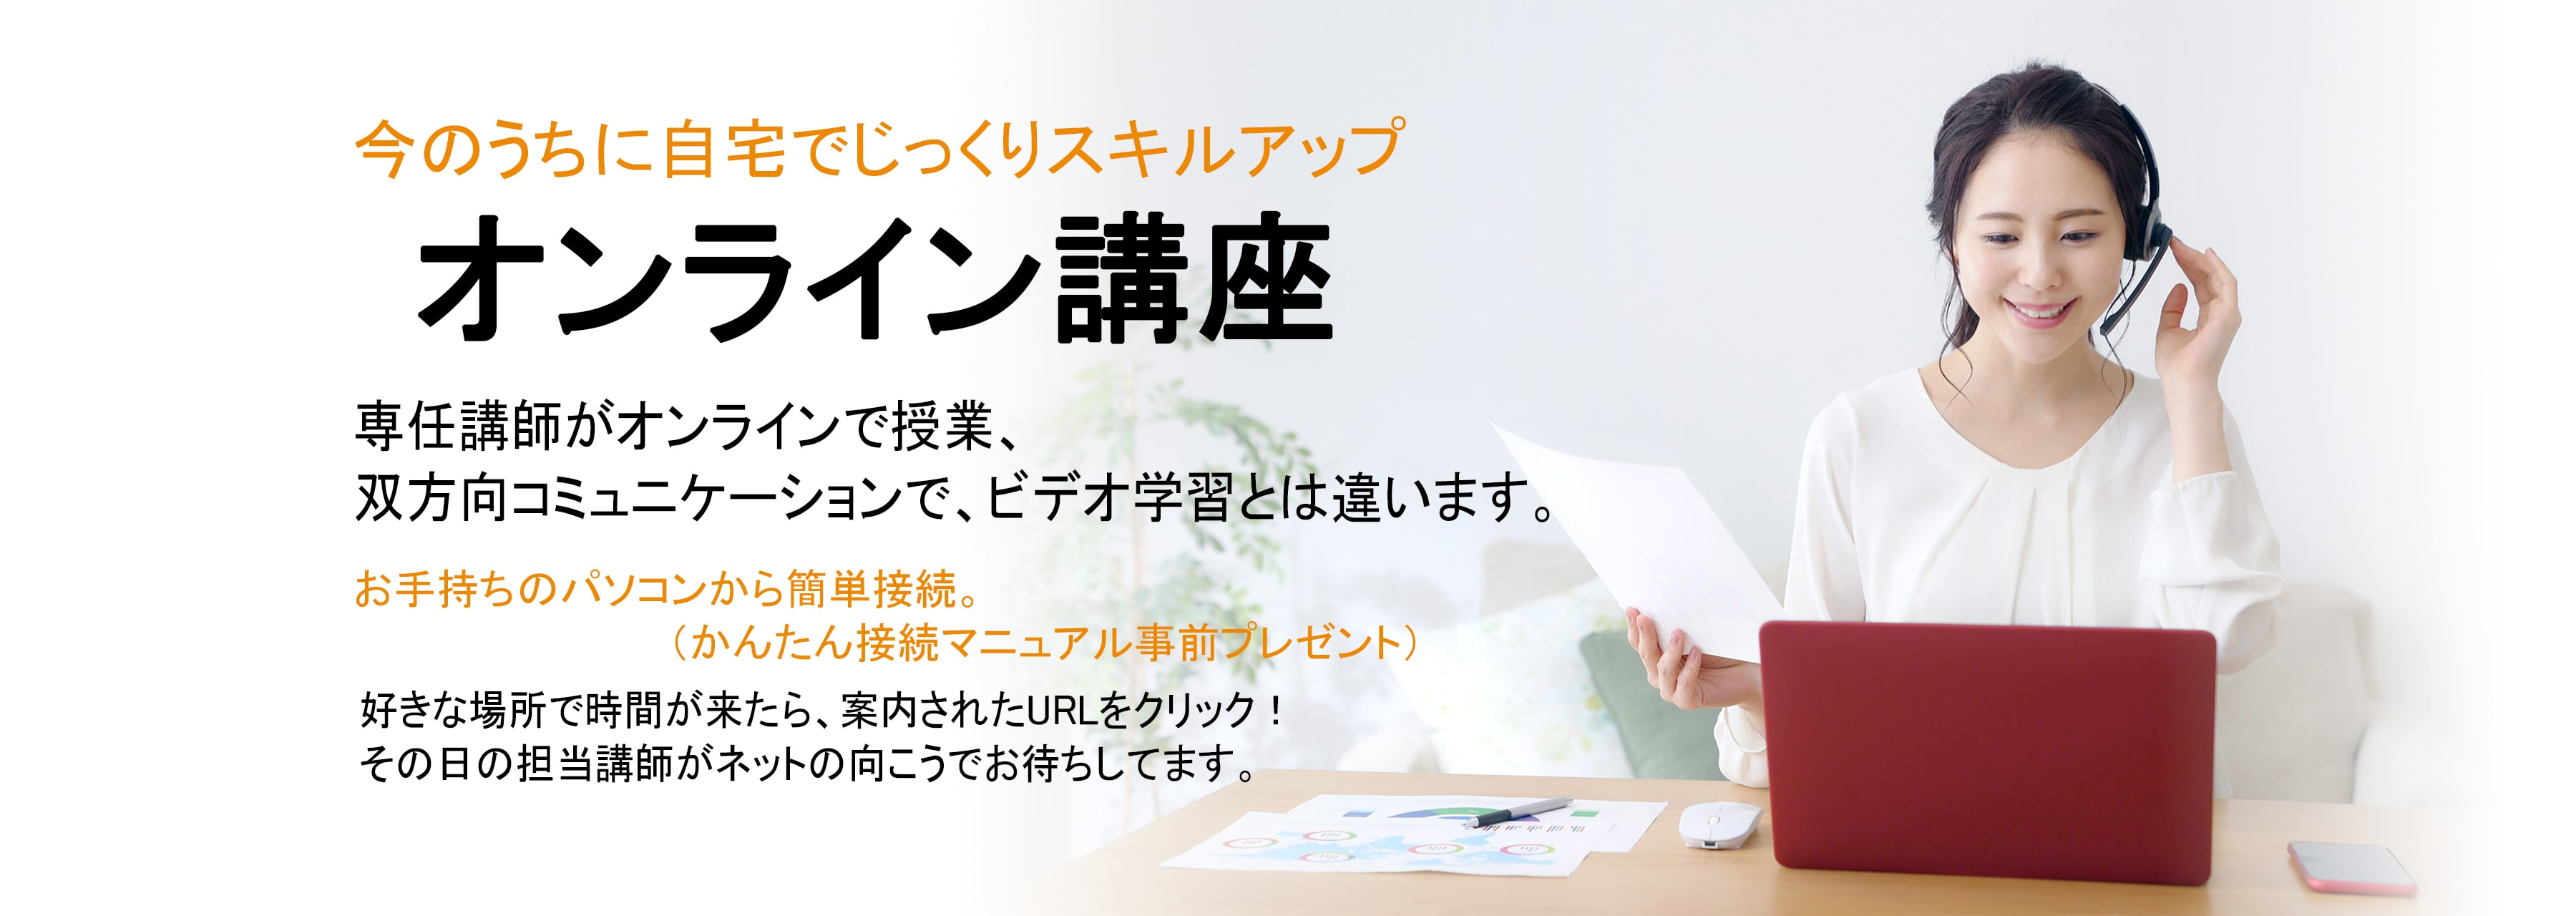 オンラインライブ授業